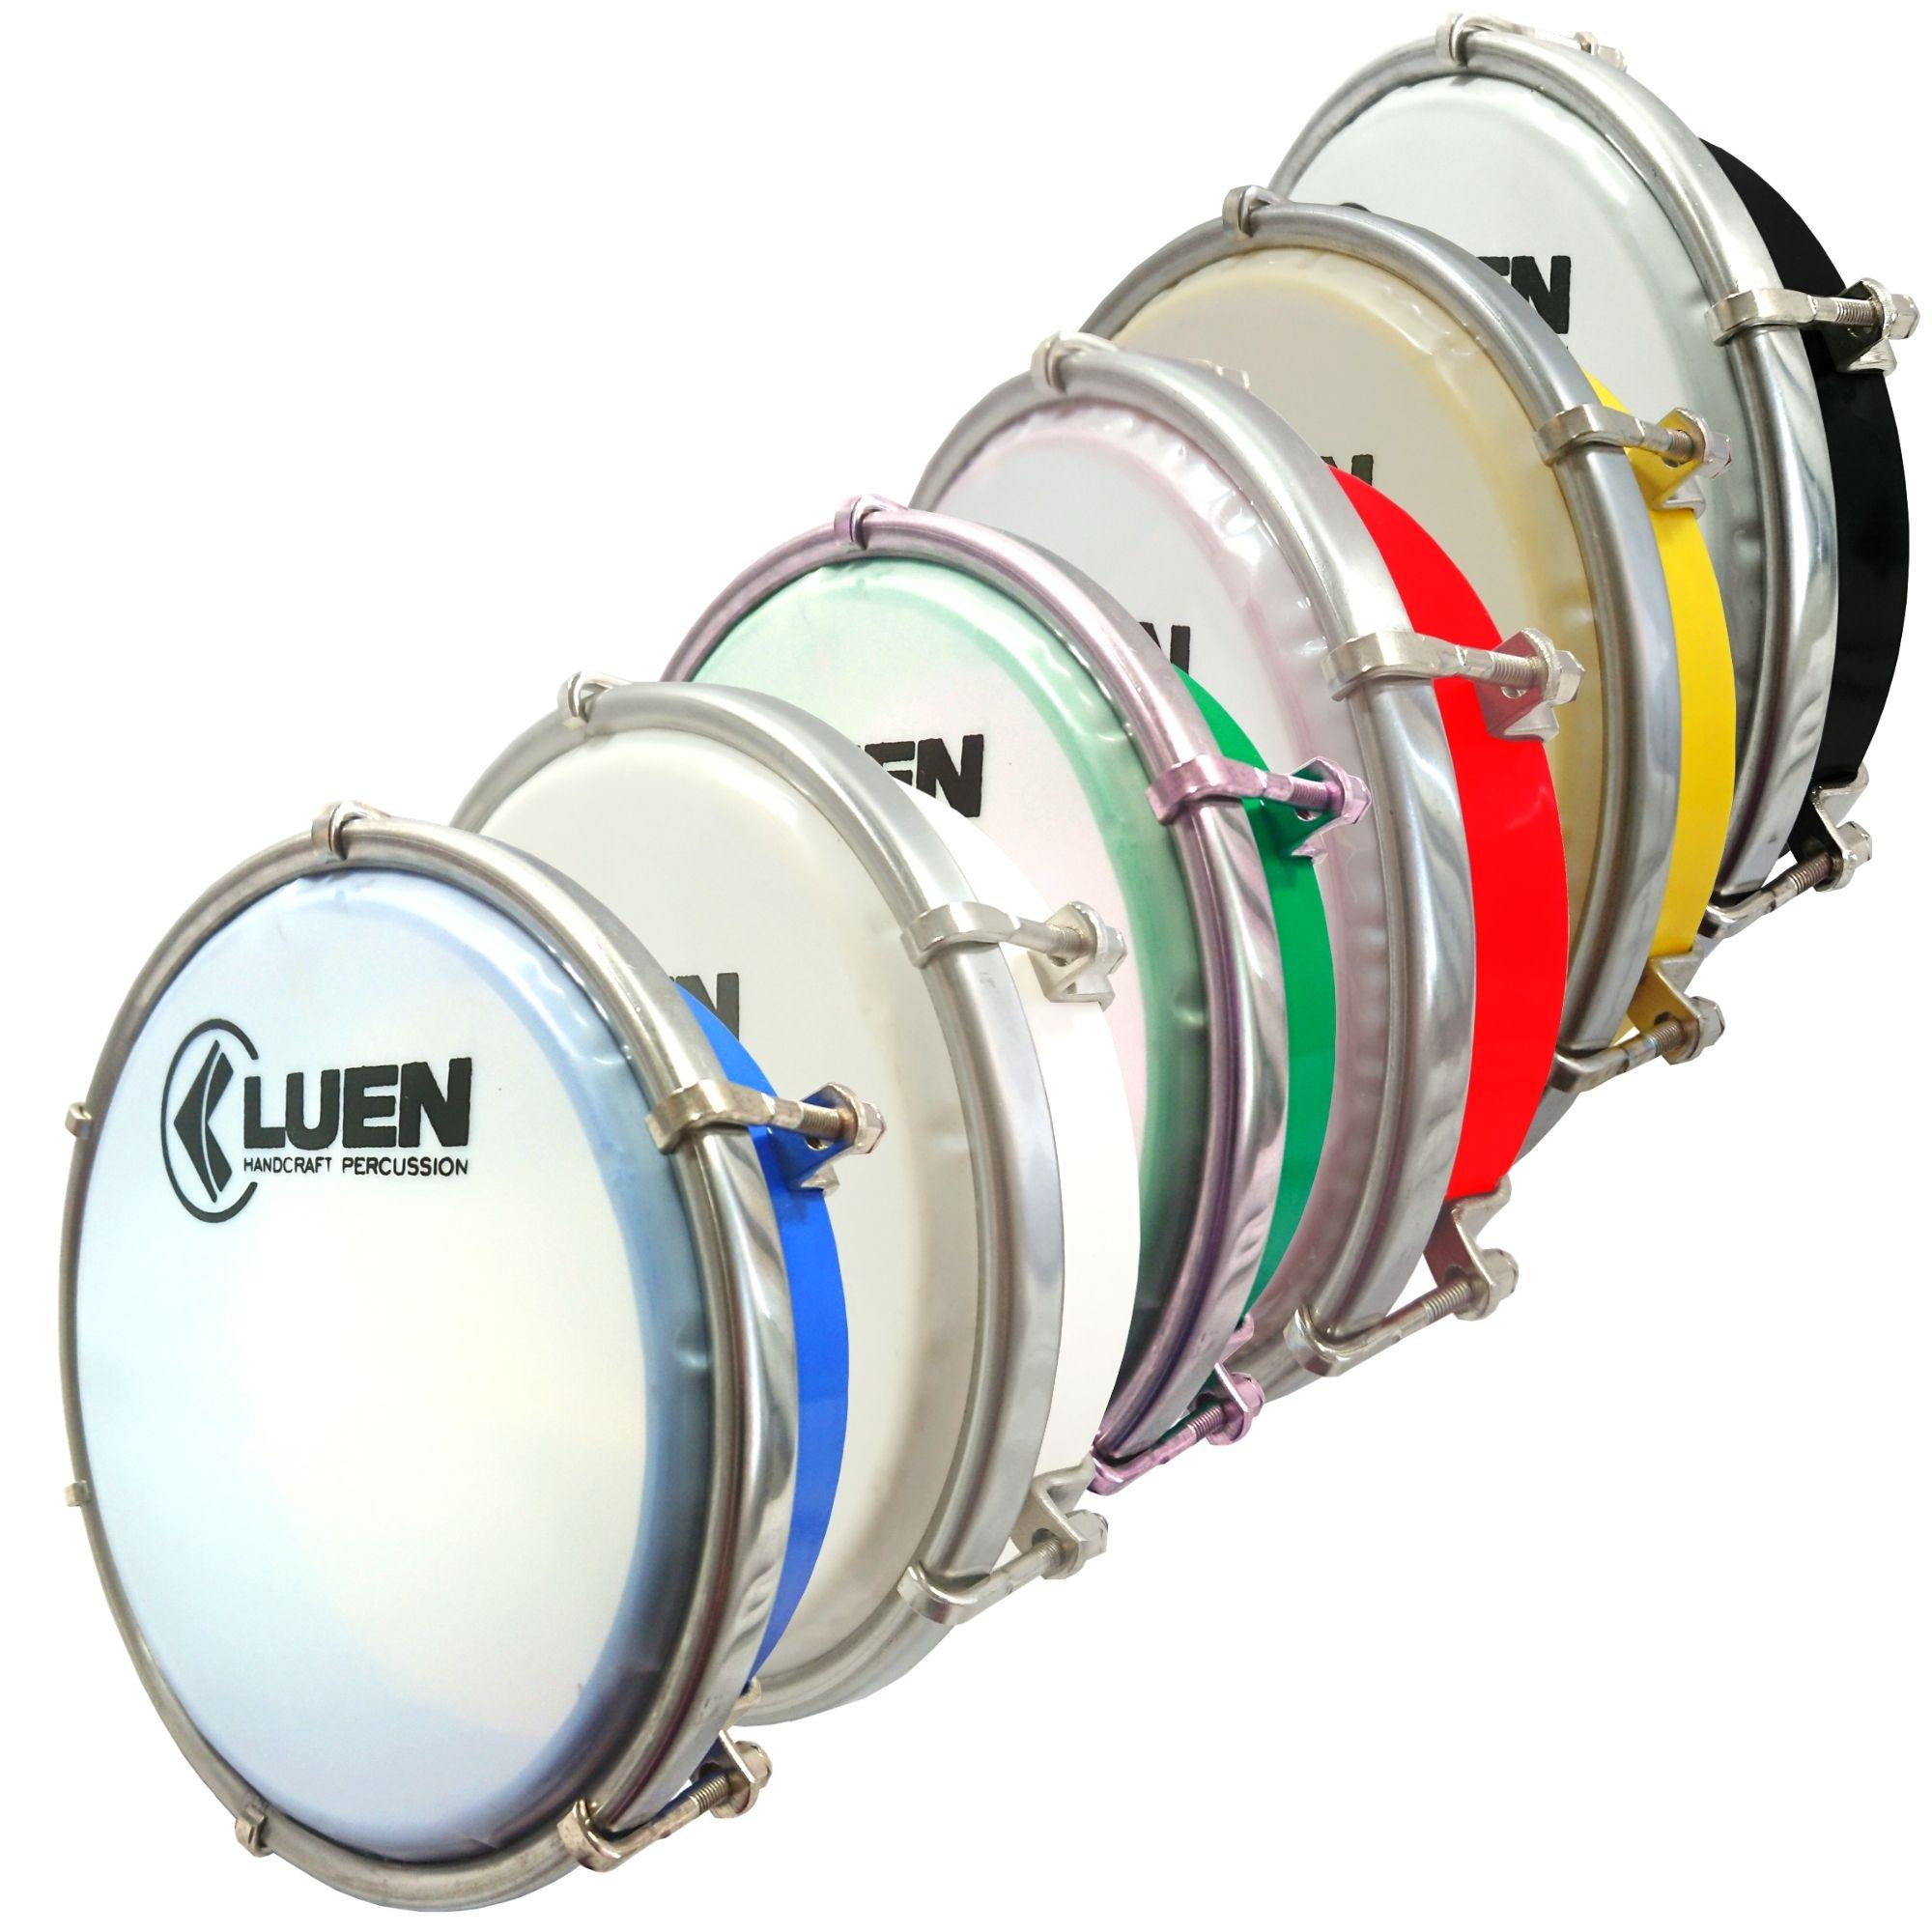 Tamborim 06 Luen, com chave de afinação. Tamborim para samba e outros. Cores